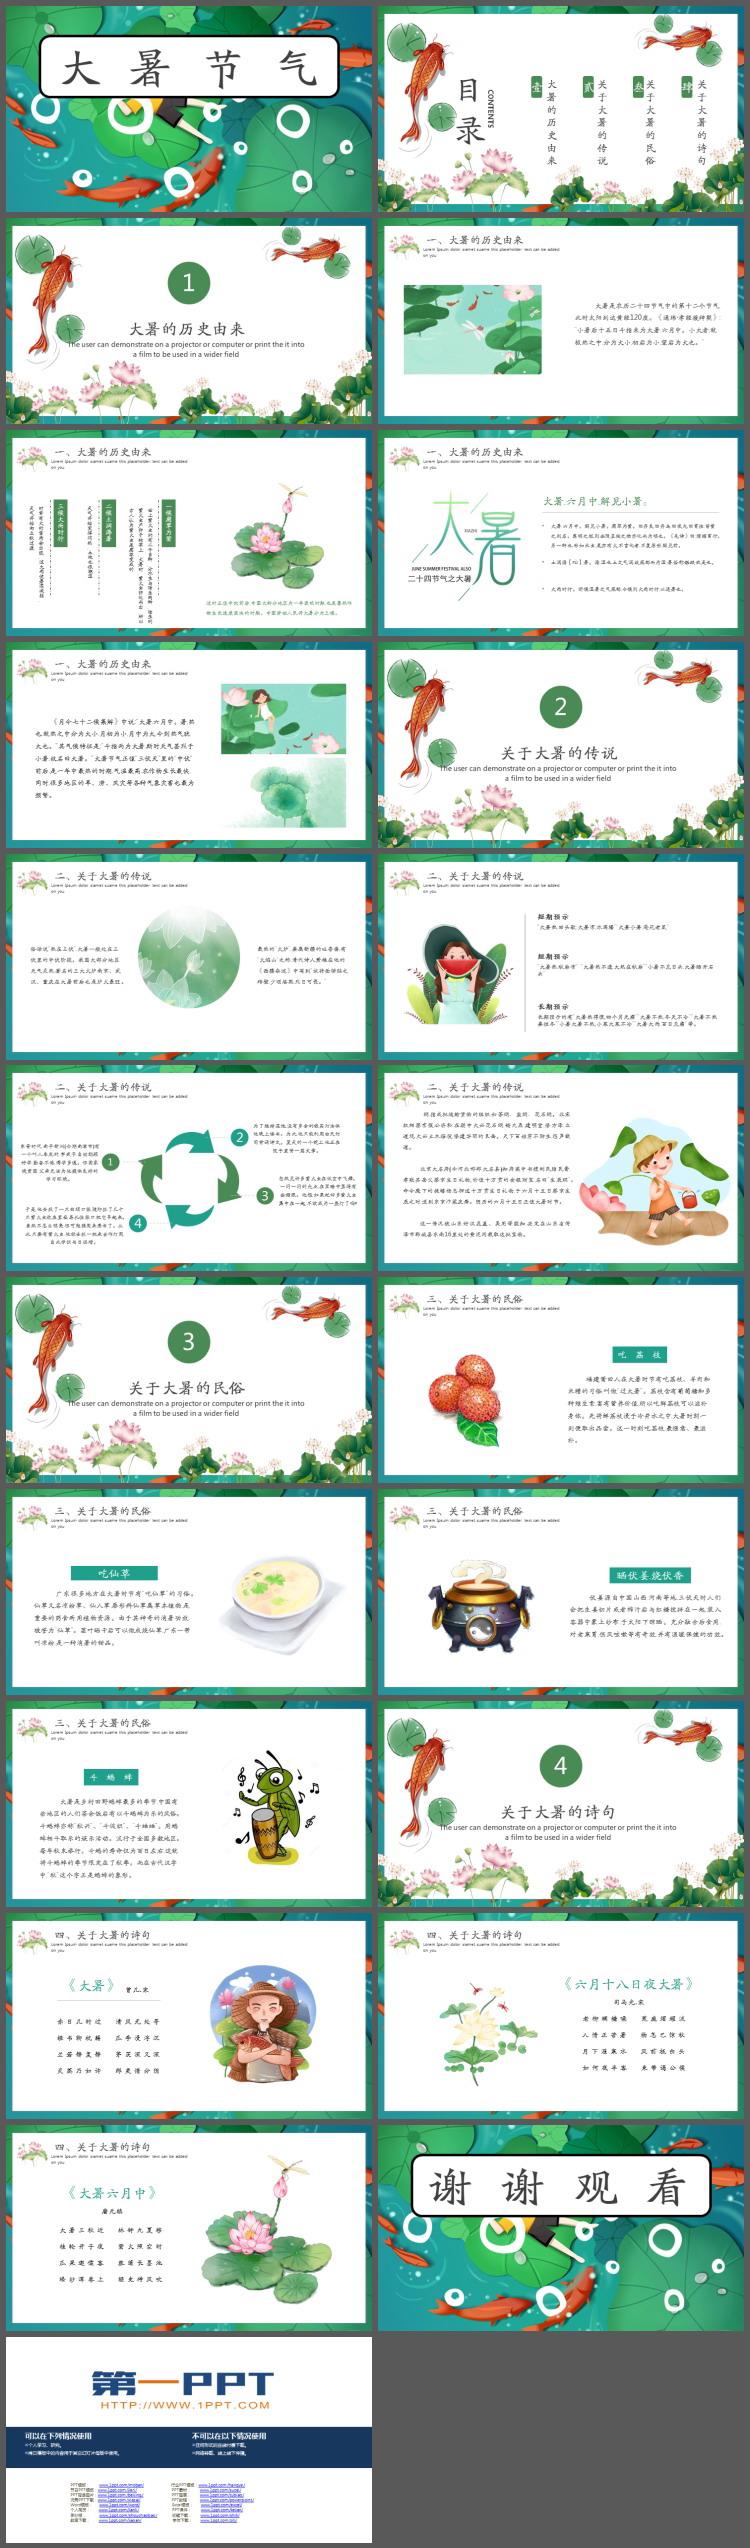 卡通荷叶鲤鱼背景大暑节气介绍东京热人妻丝袜无码av一二三区观